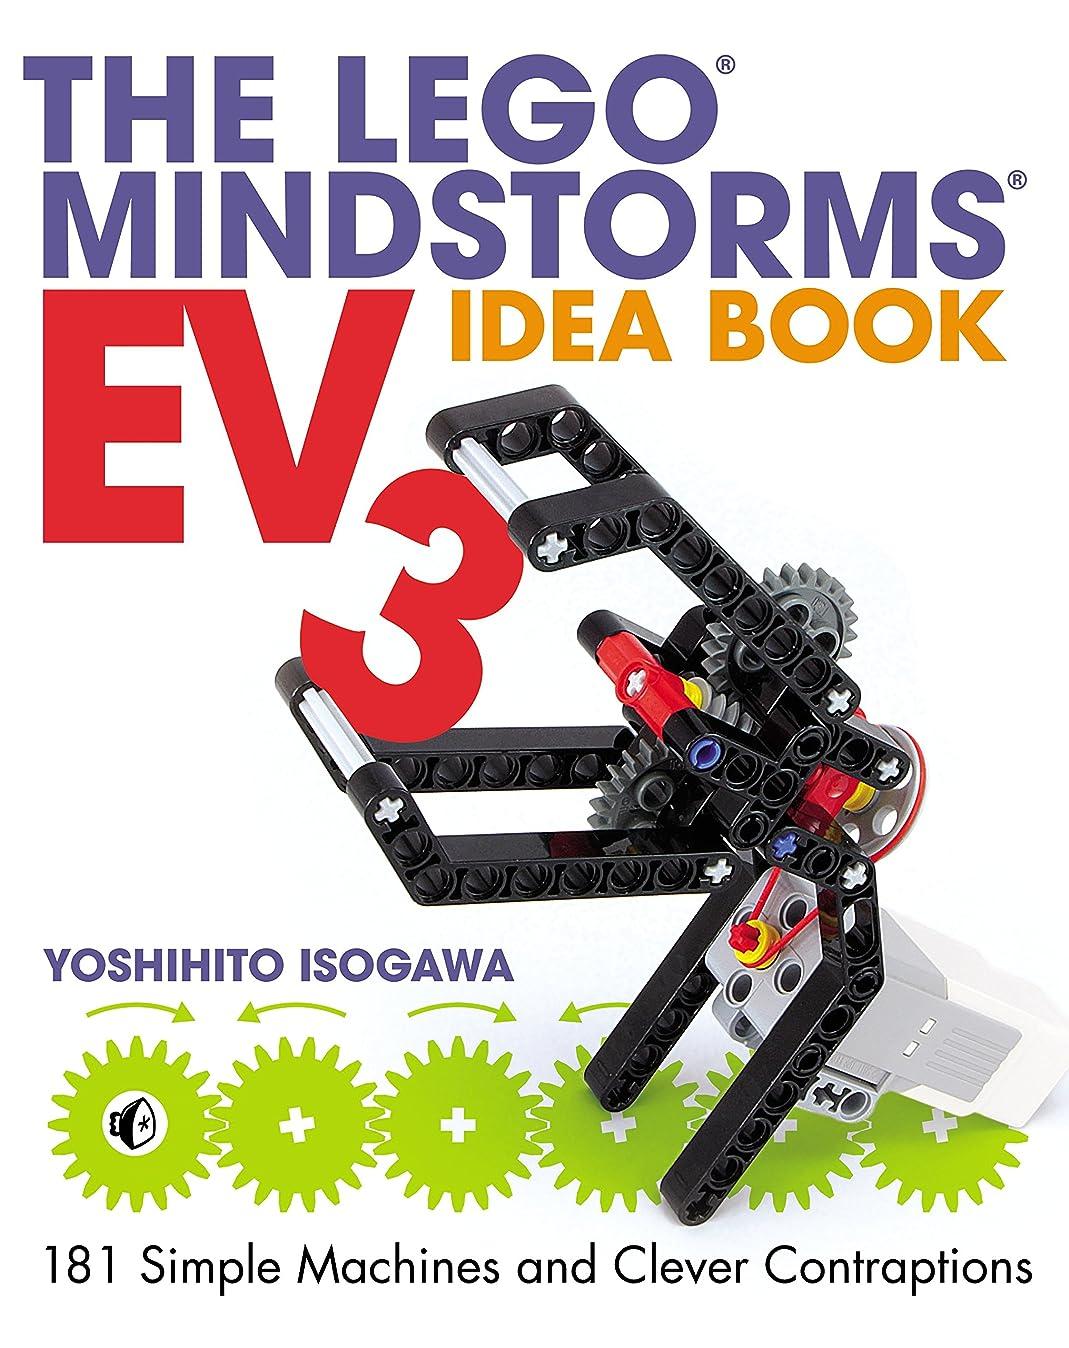 蒸気雇用者ソケットThe LEGO MINDSTORMS EV3 Idea Book: 181 Simple Machines and Clever Contraptions (English Edition)